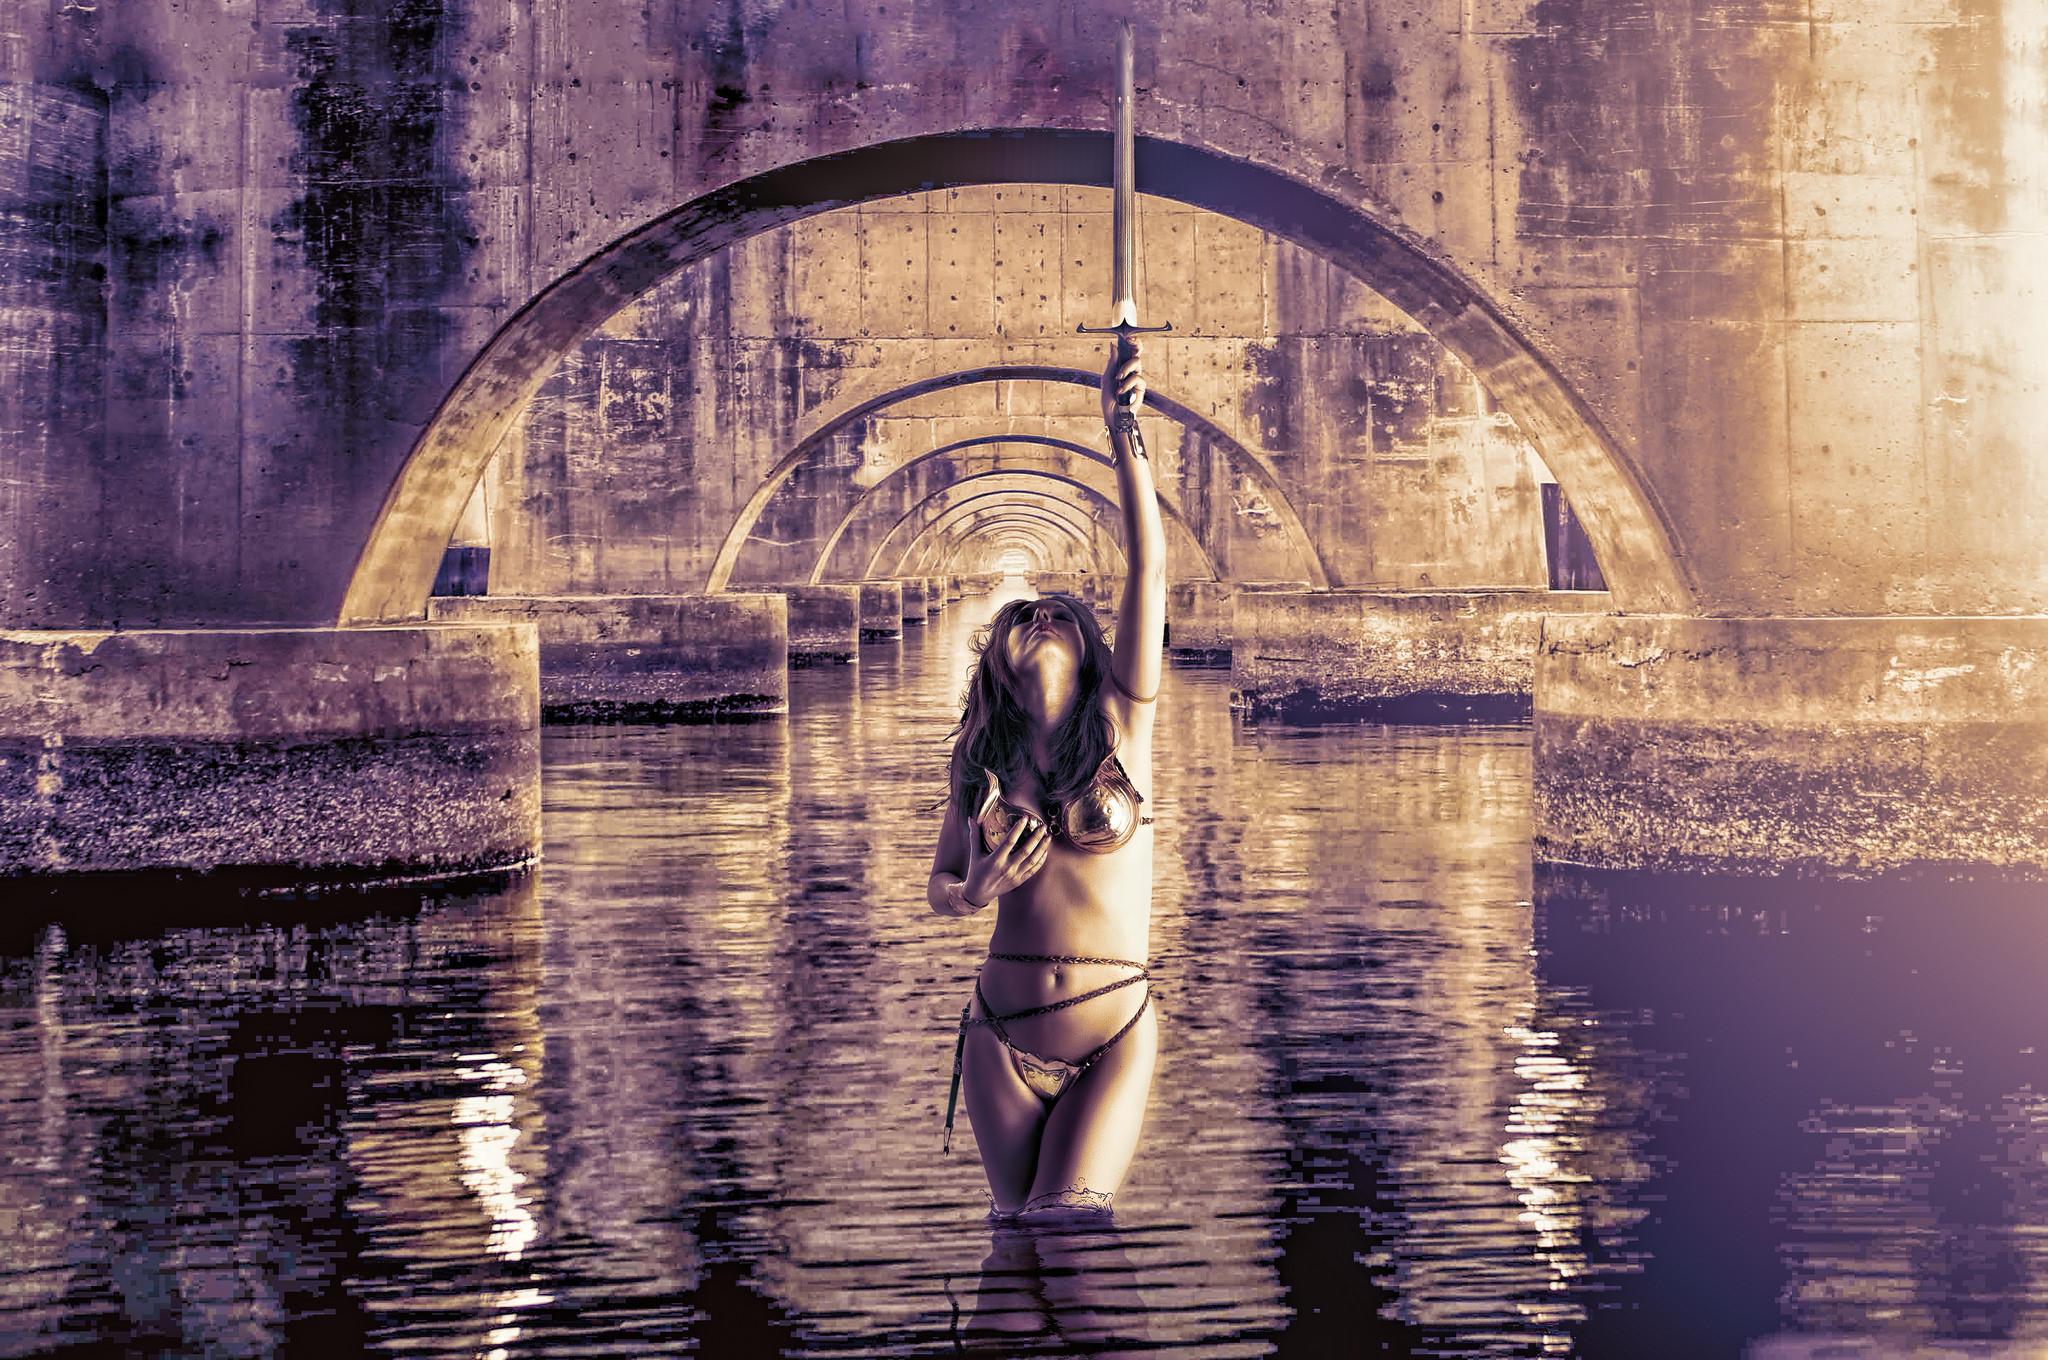 обои мост, водоём, Девушка с мечом картинки фото